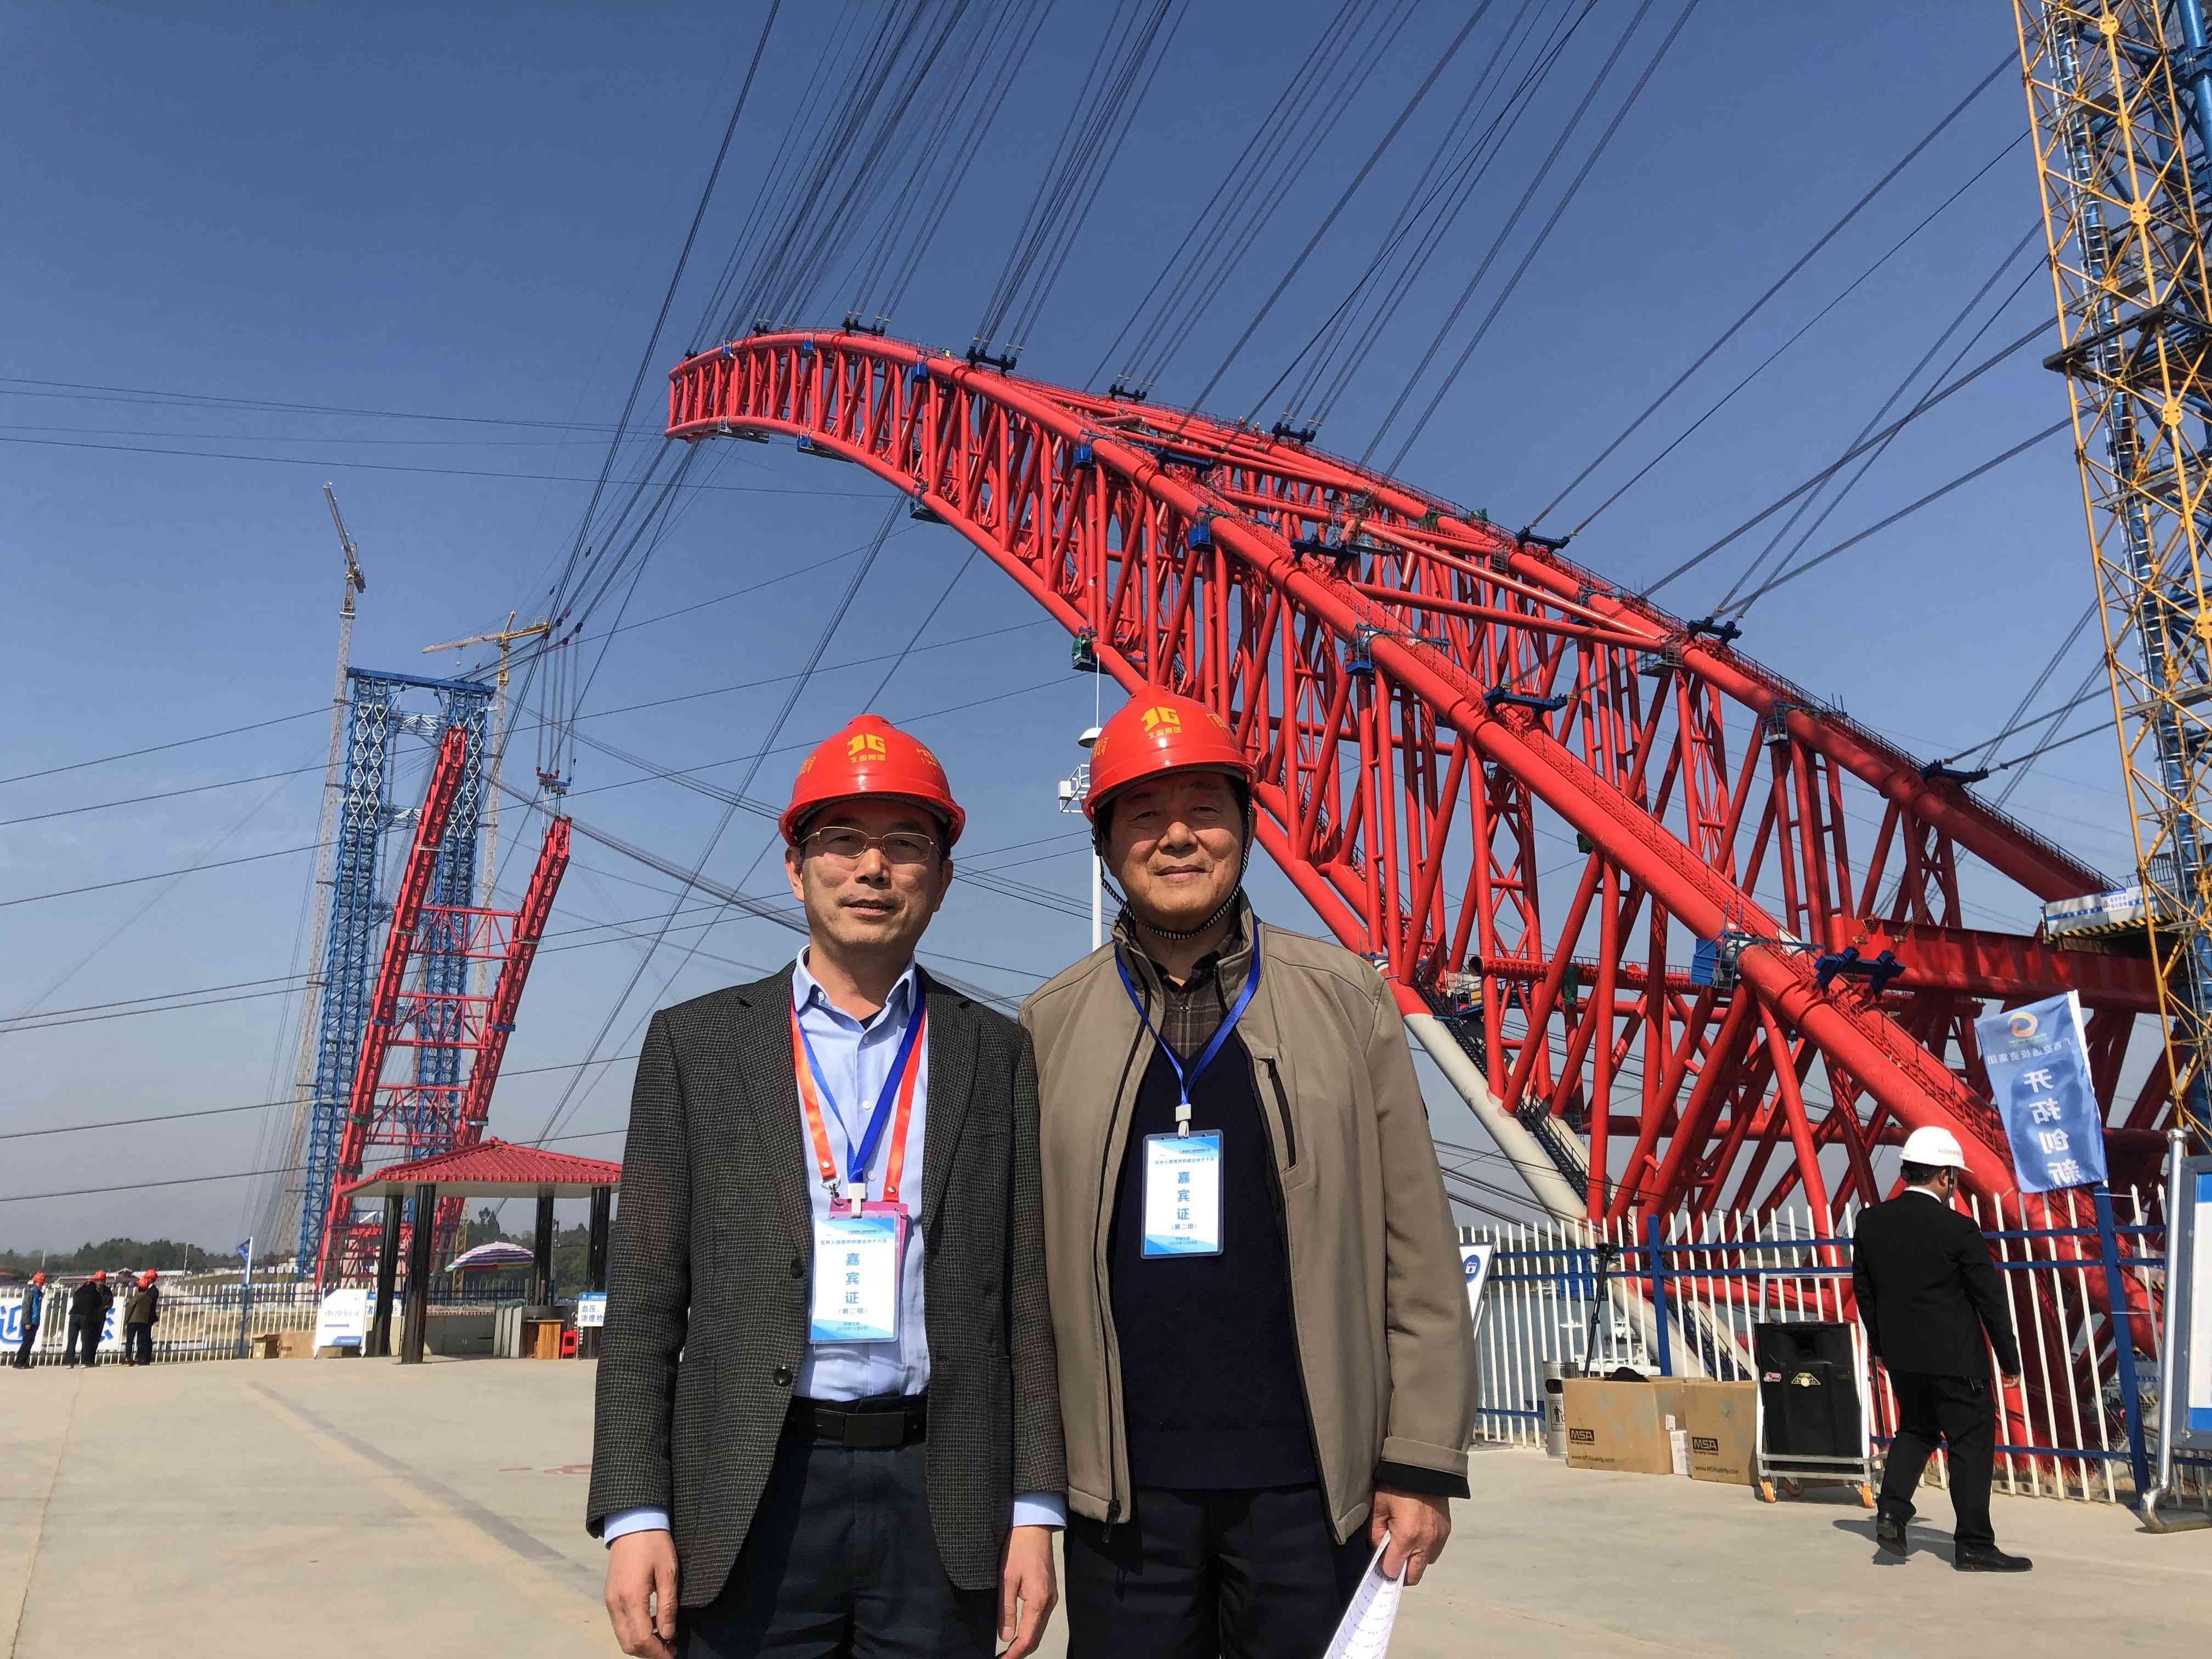 20191209-参观世界最大跨度拱桥-和交通部原总工程师凤懋润 (1).jpg